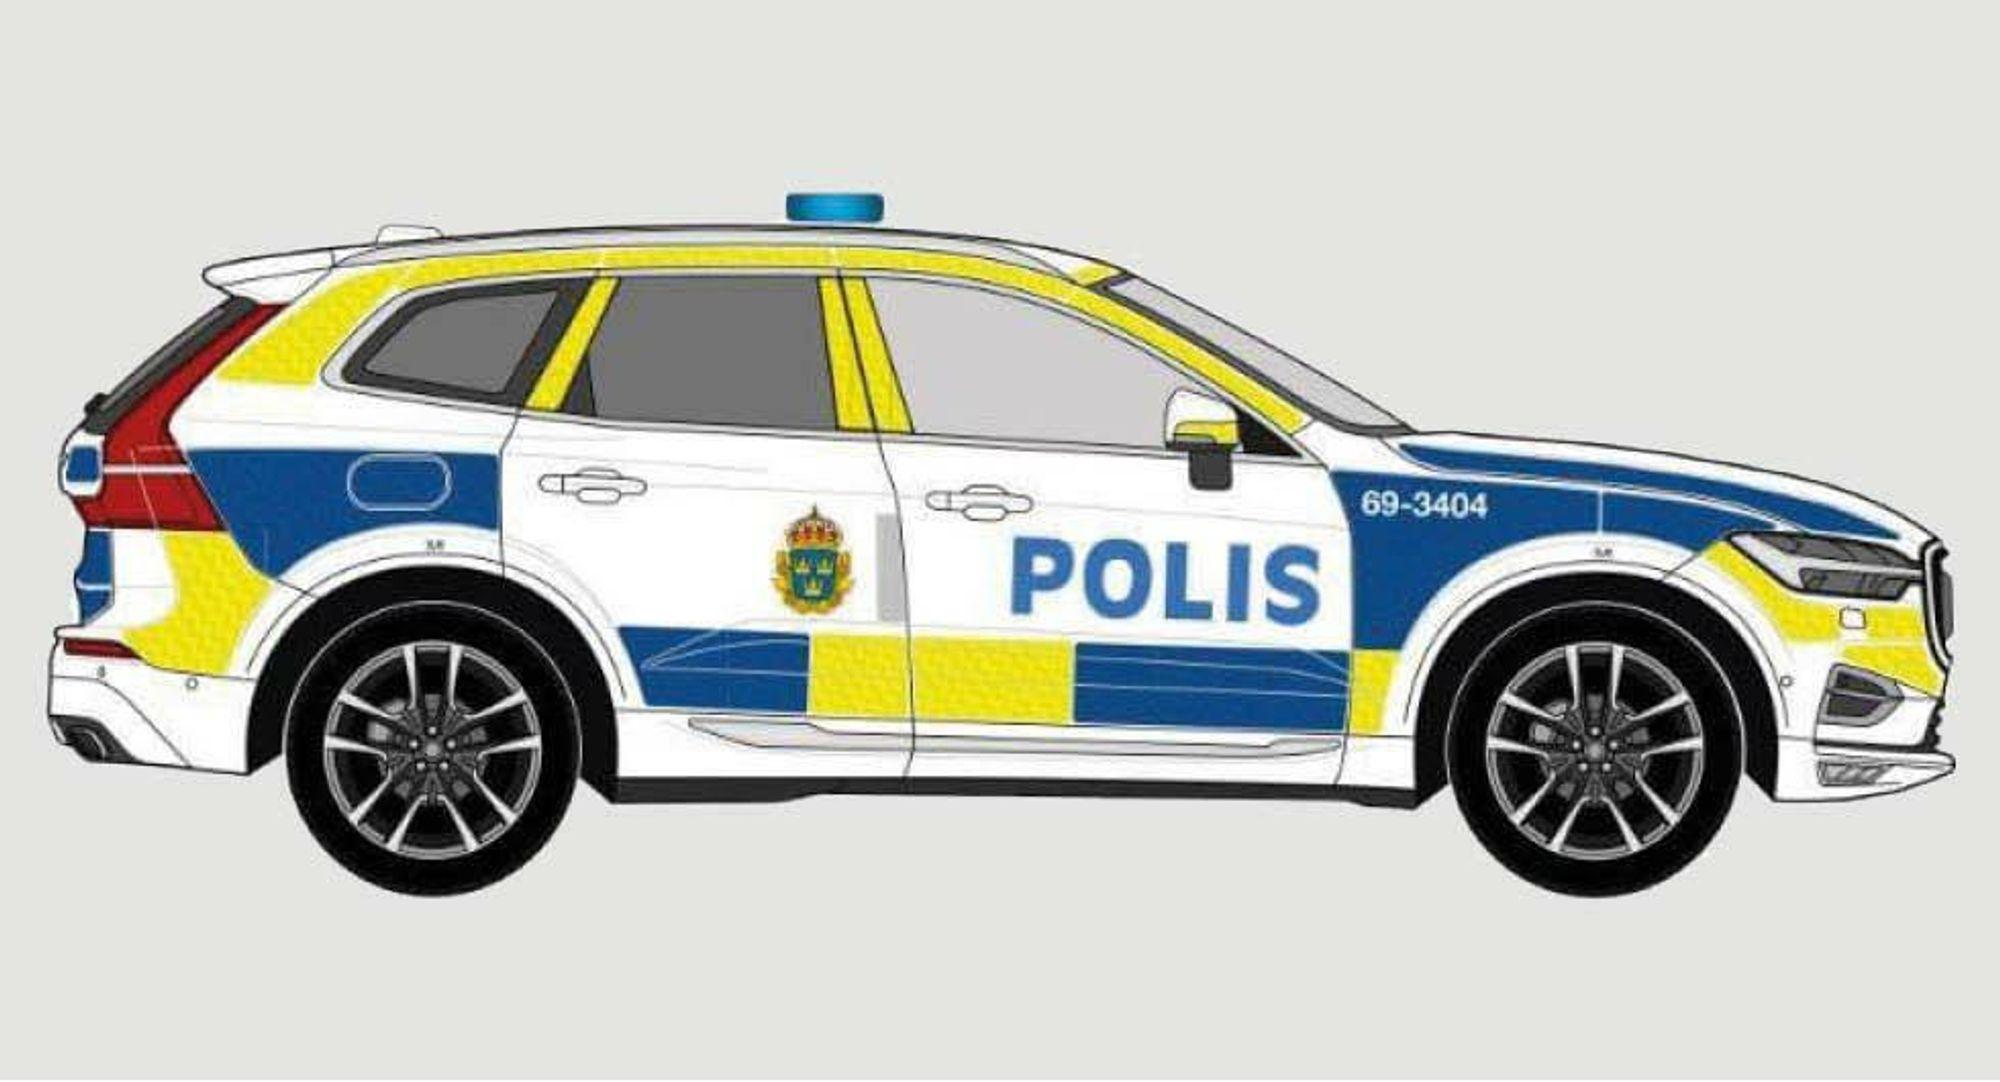 Størstedelen av bilparken vil bestå av spesialutrustede Volvo XC60, uten fartssperre.